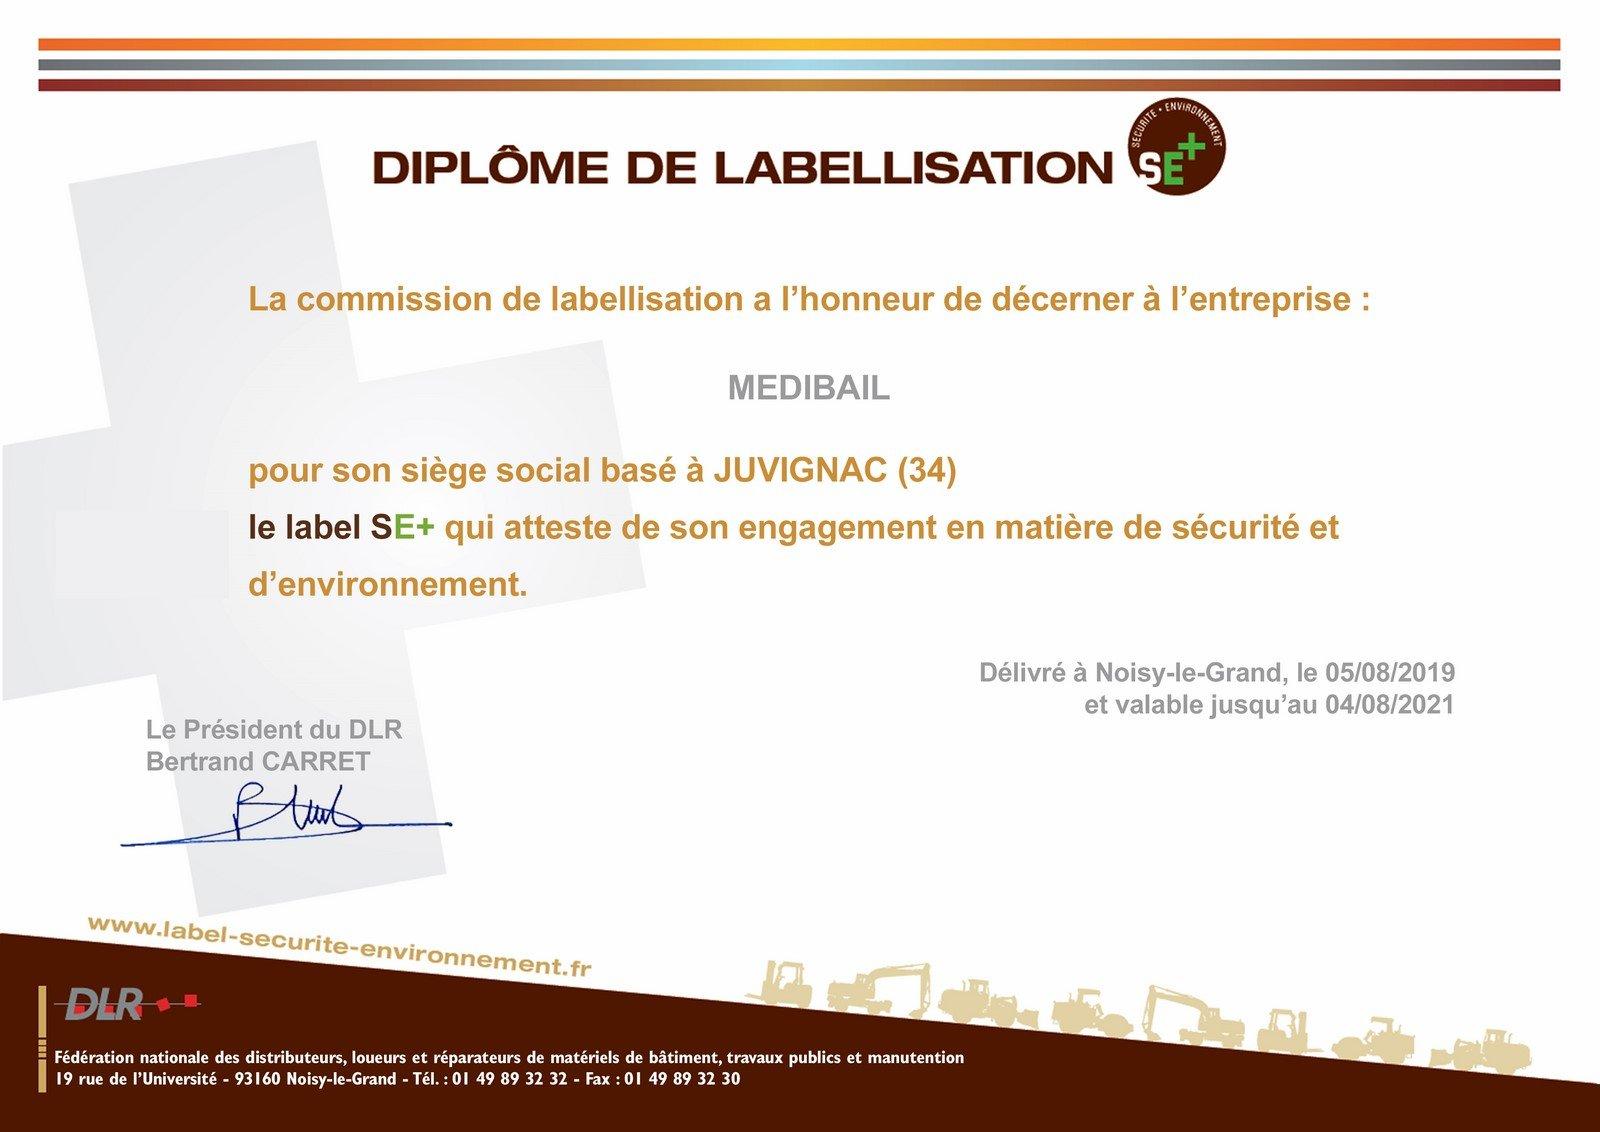 label SE+ MEDIBAIL 2019